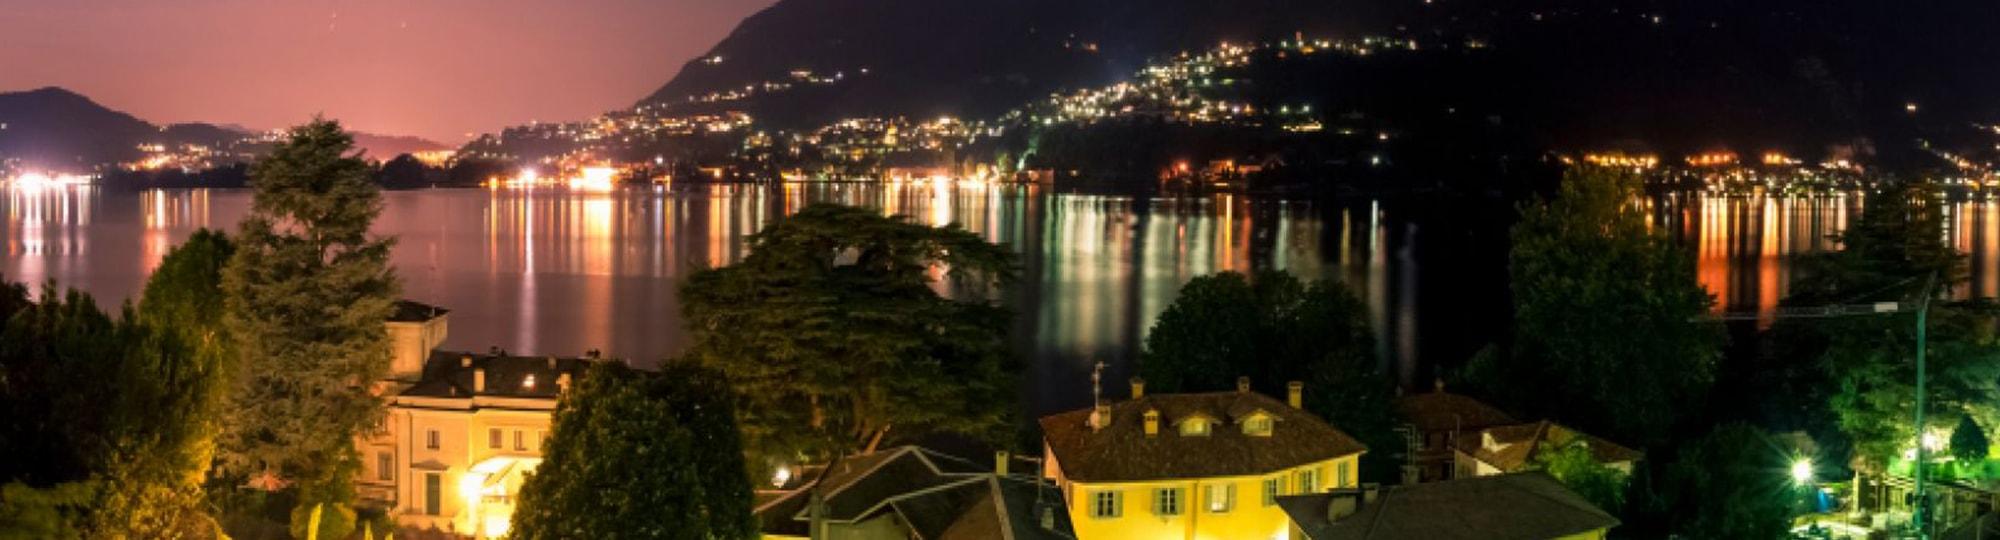 Meilleurs hotels lac de come - blevio